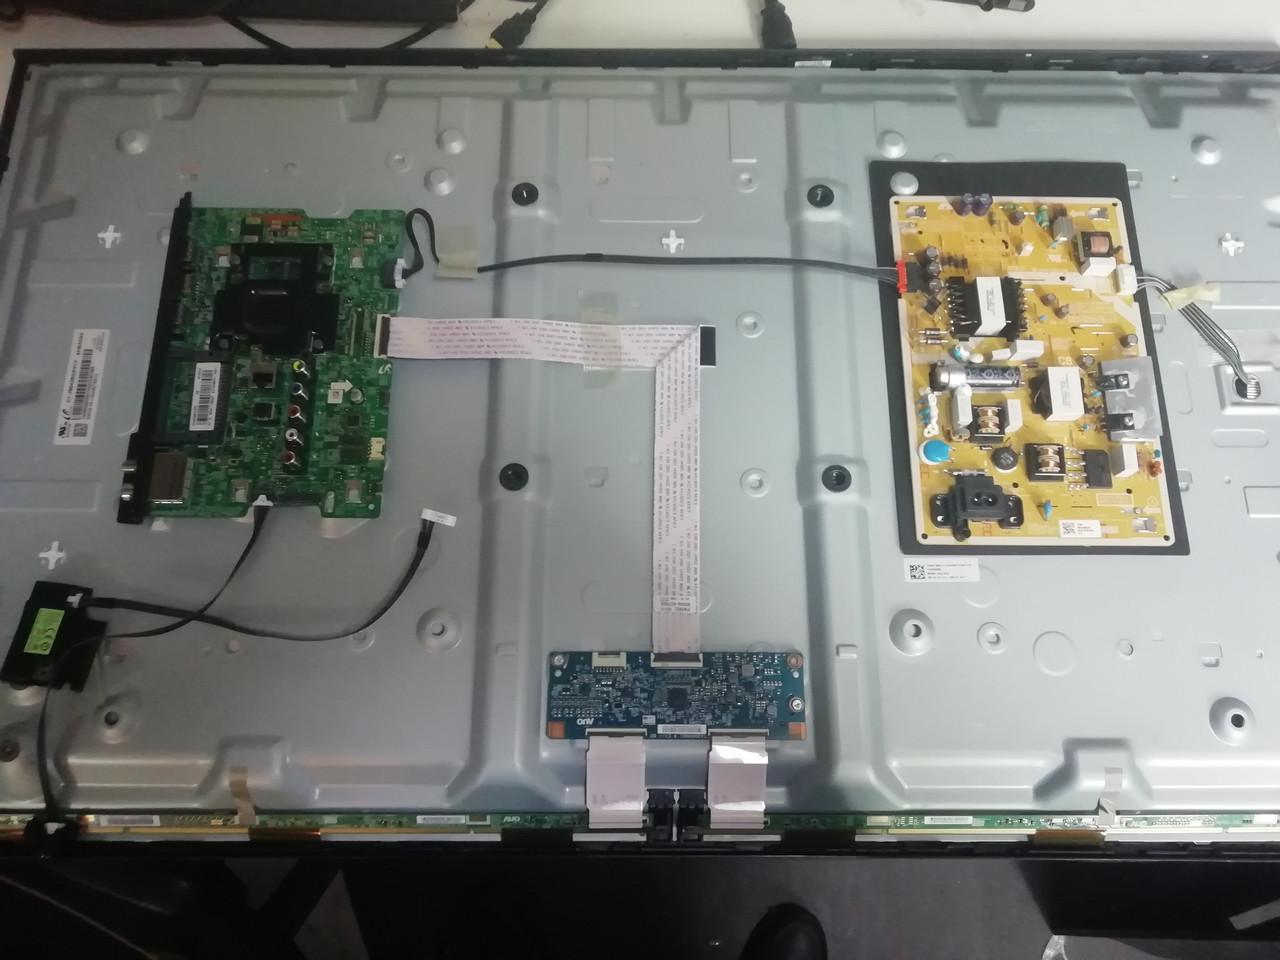 Запчасти к телевизору Samsung UE43N5300AU (BN41-02663A, BN44-00852F L48MSFR_MDY, T430HVN01.6)